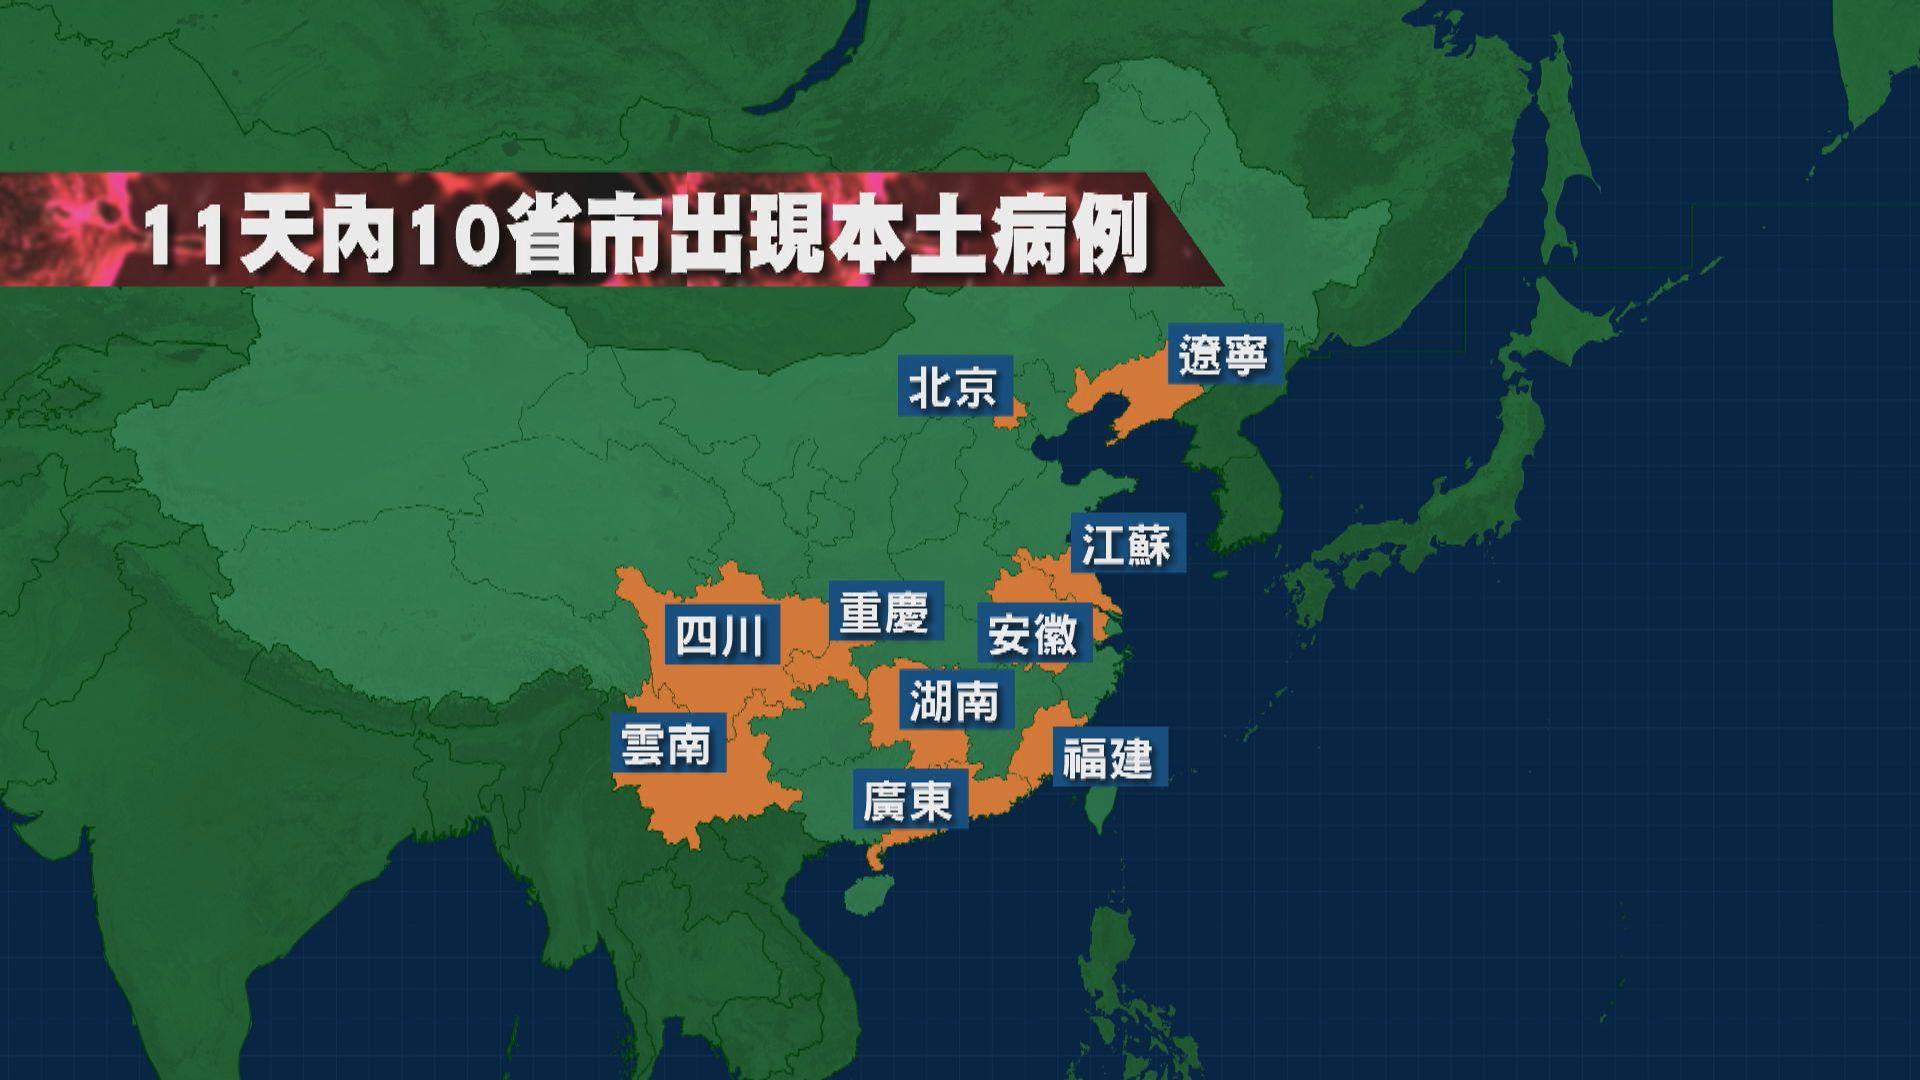 內地新一波疫情11天內擴散到10個省市